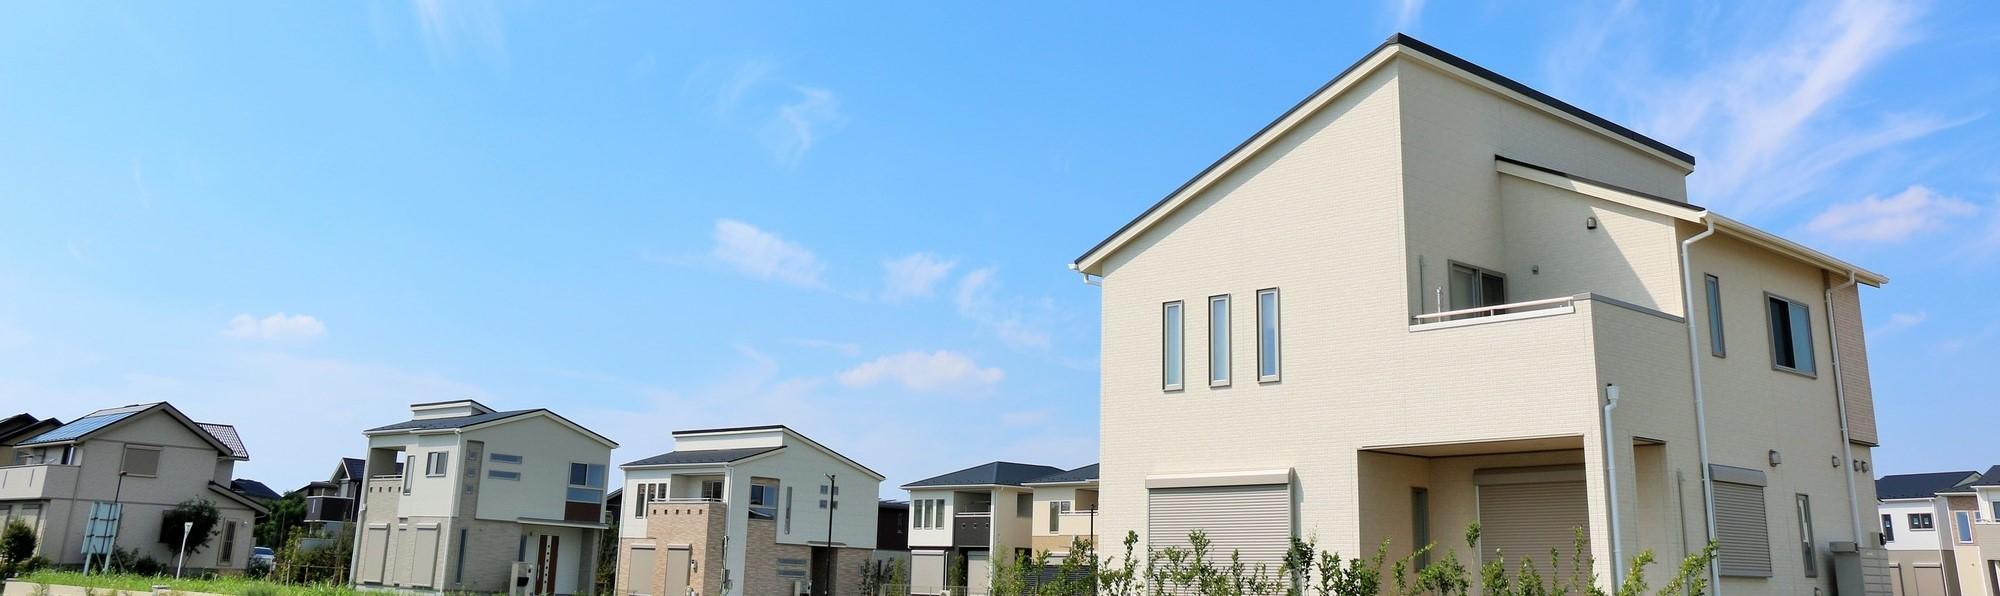 横浜市営地下鉄ブルーライン・グリーンライン エリアに住む!戸建て購入・注文住宅相談会